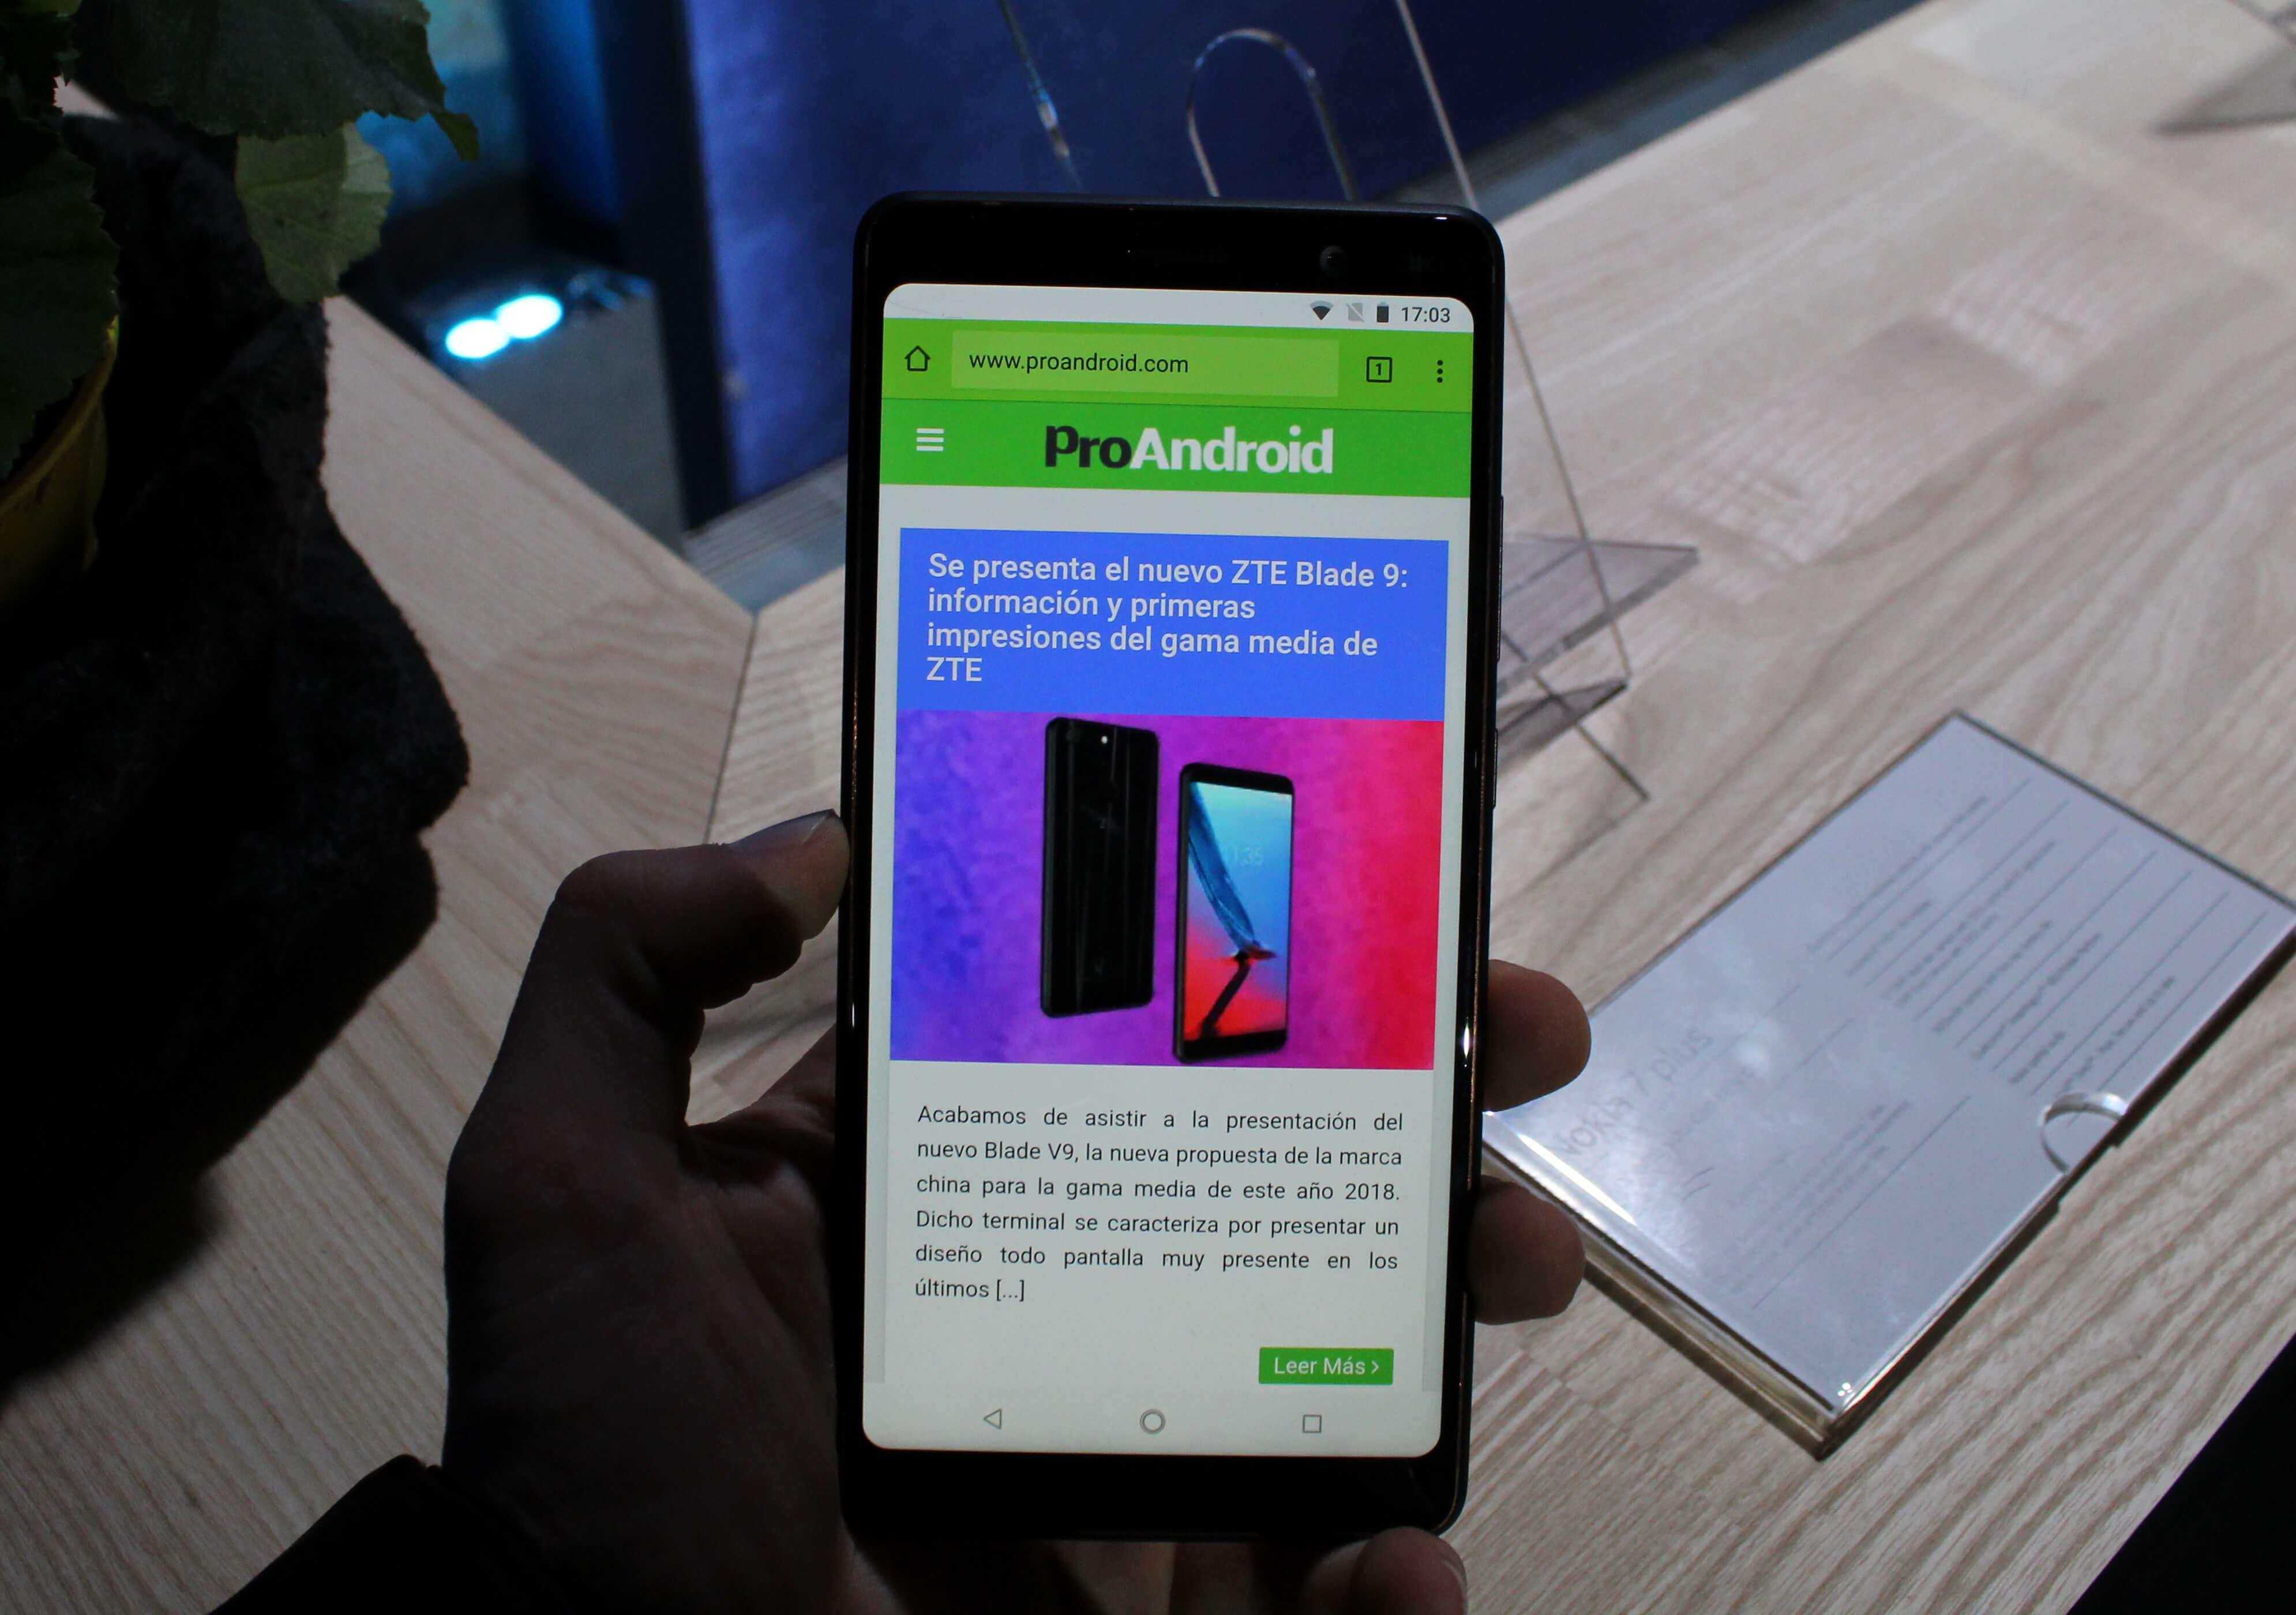 Nokia 7 Plus Pro Android